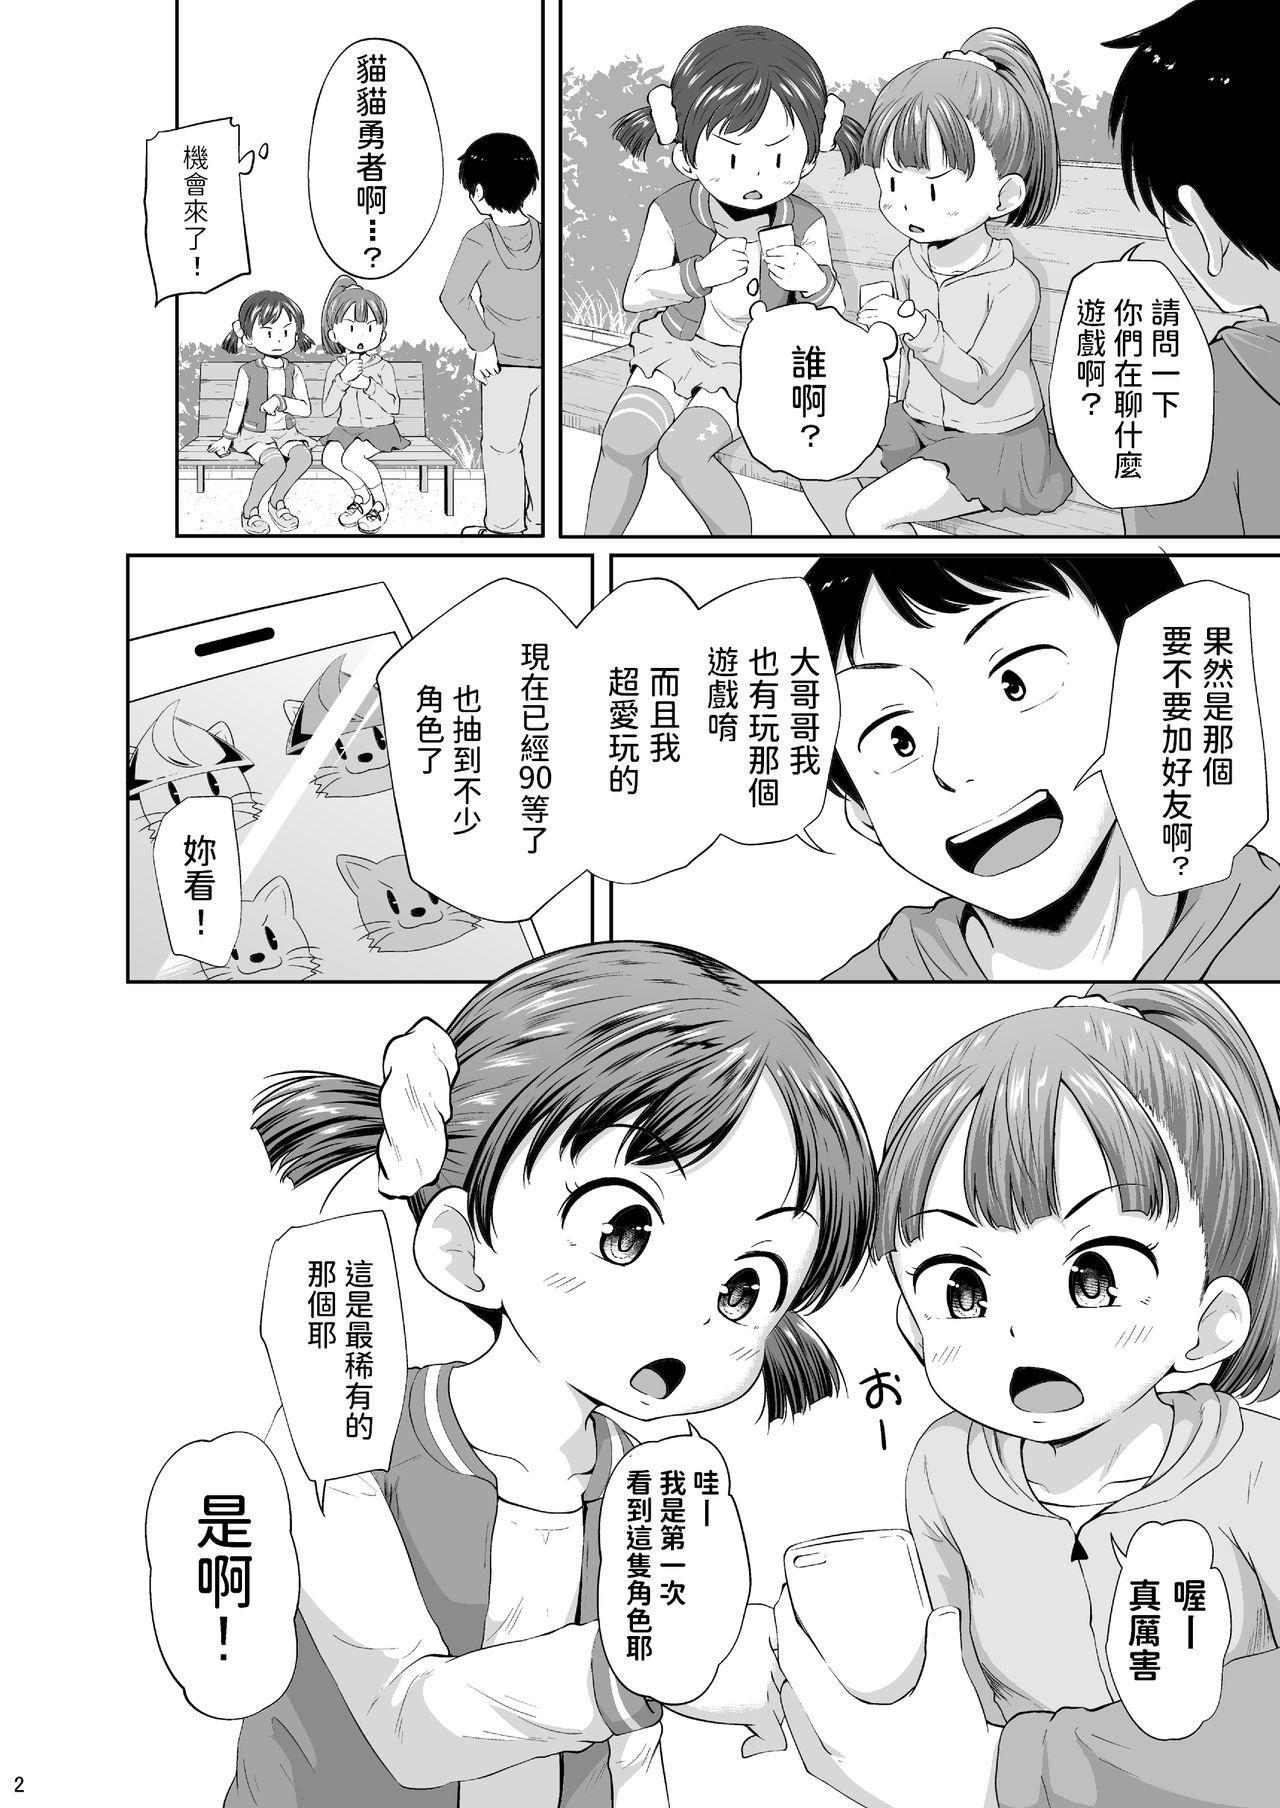 Smapho Shoujo to H na Koto o Suru Houhou 2